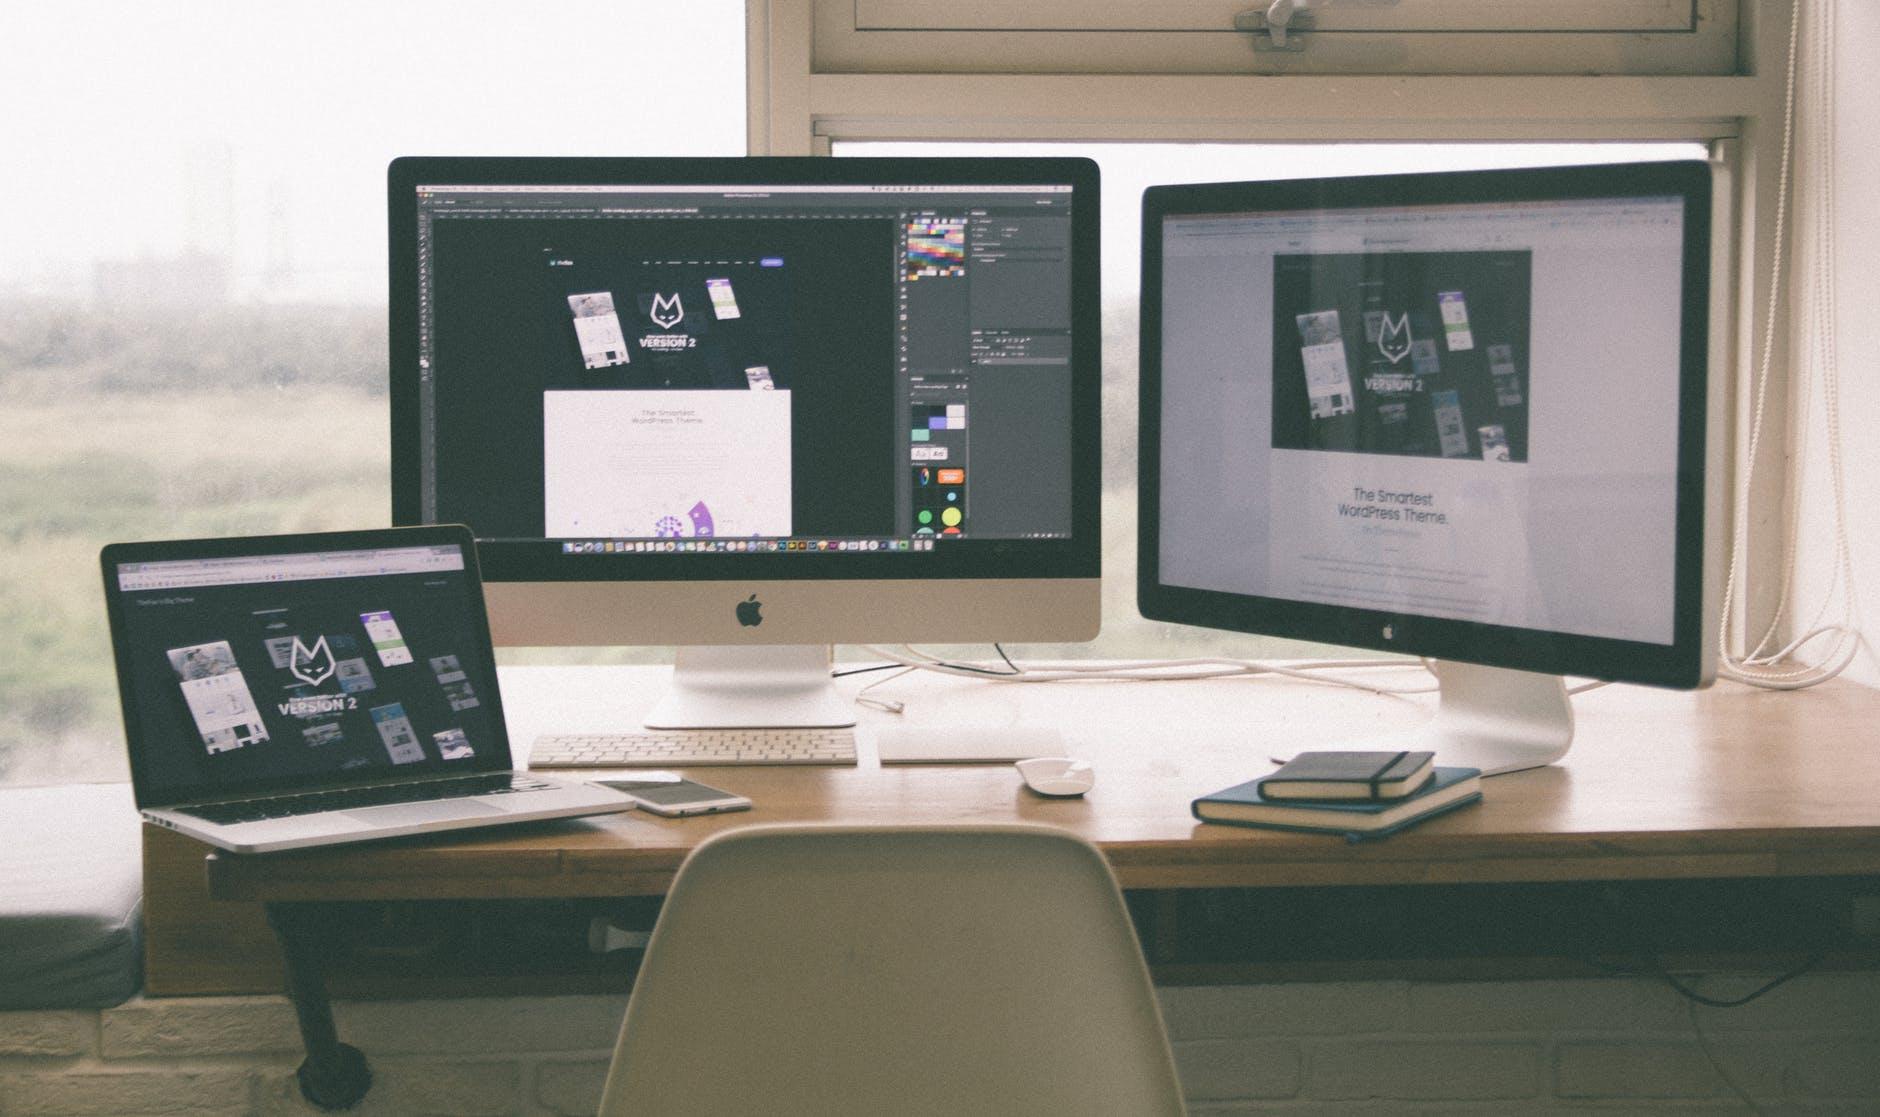 Windows of Mac computer voor muziekproductie?